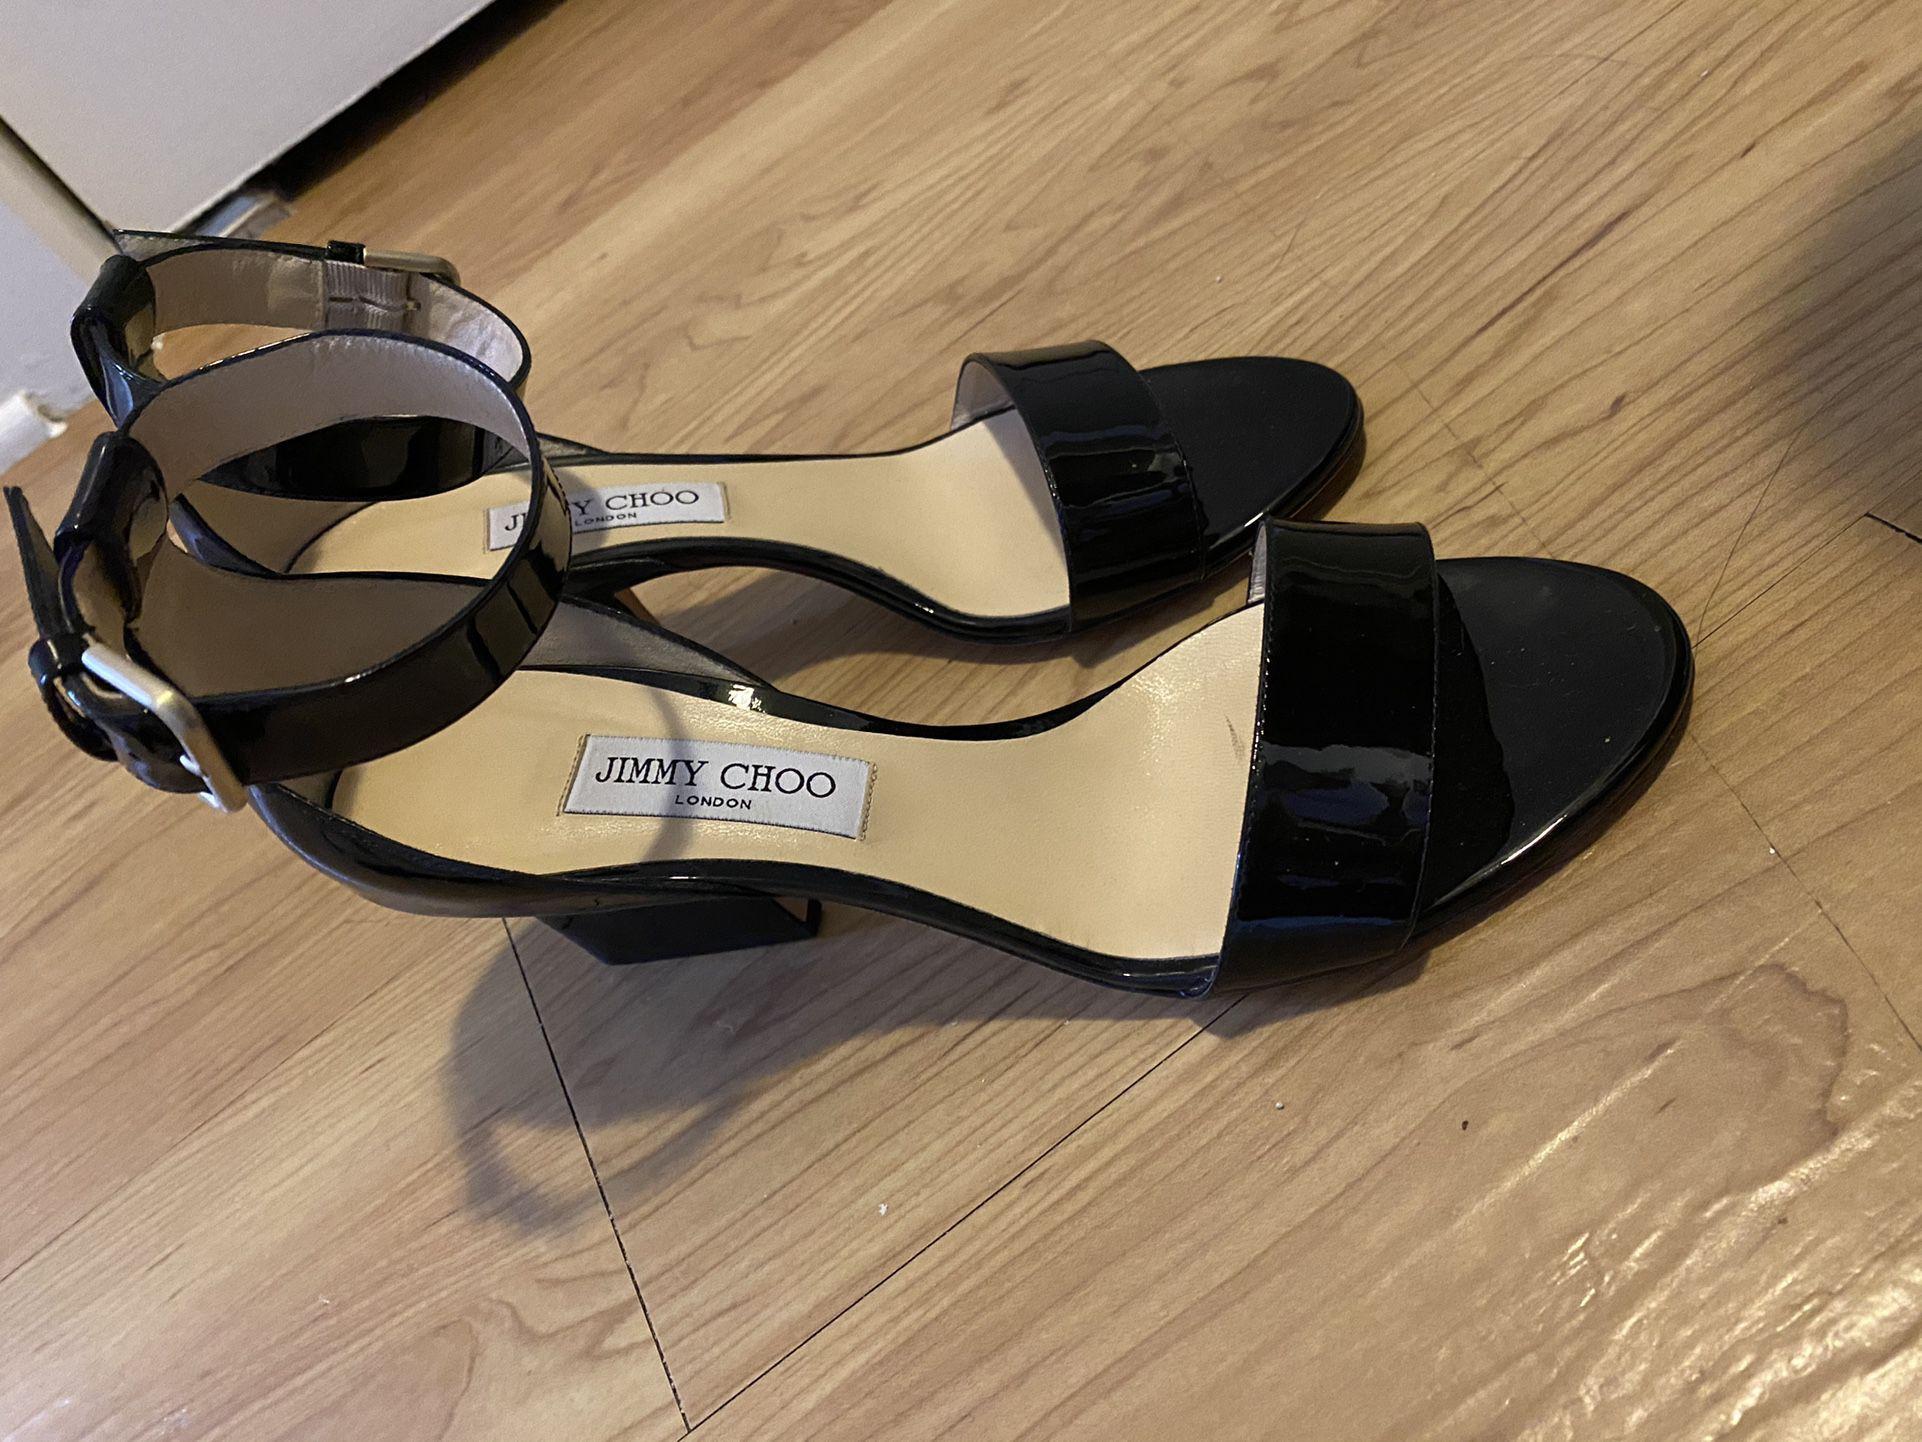 Jimmy Choo Black Wedge Heels